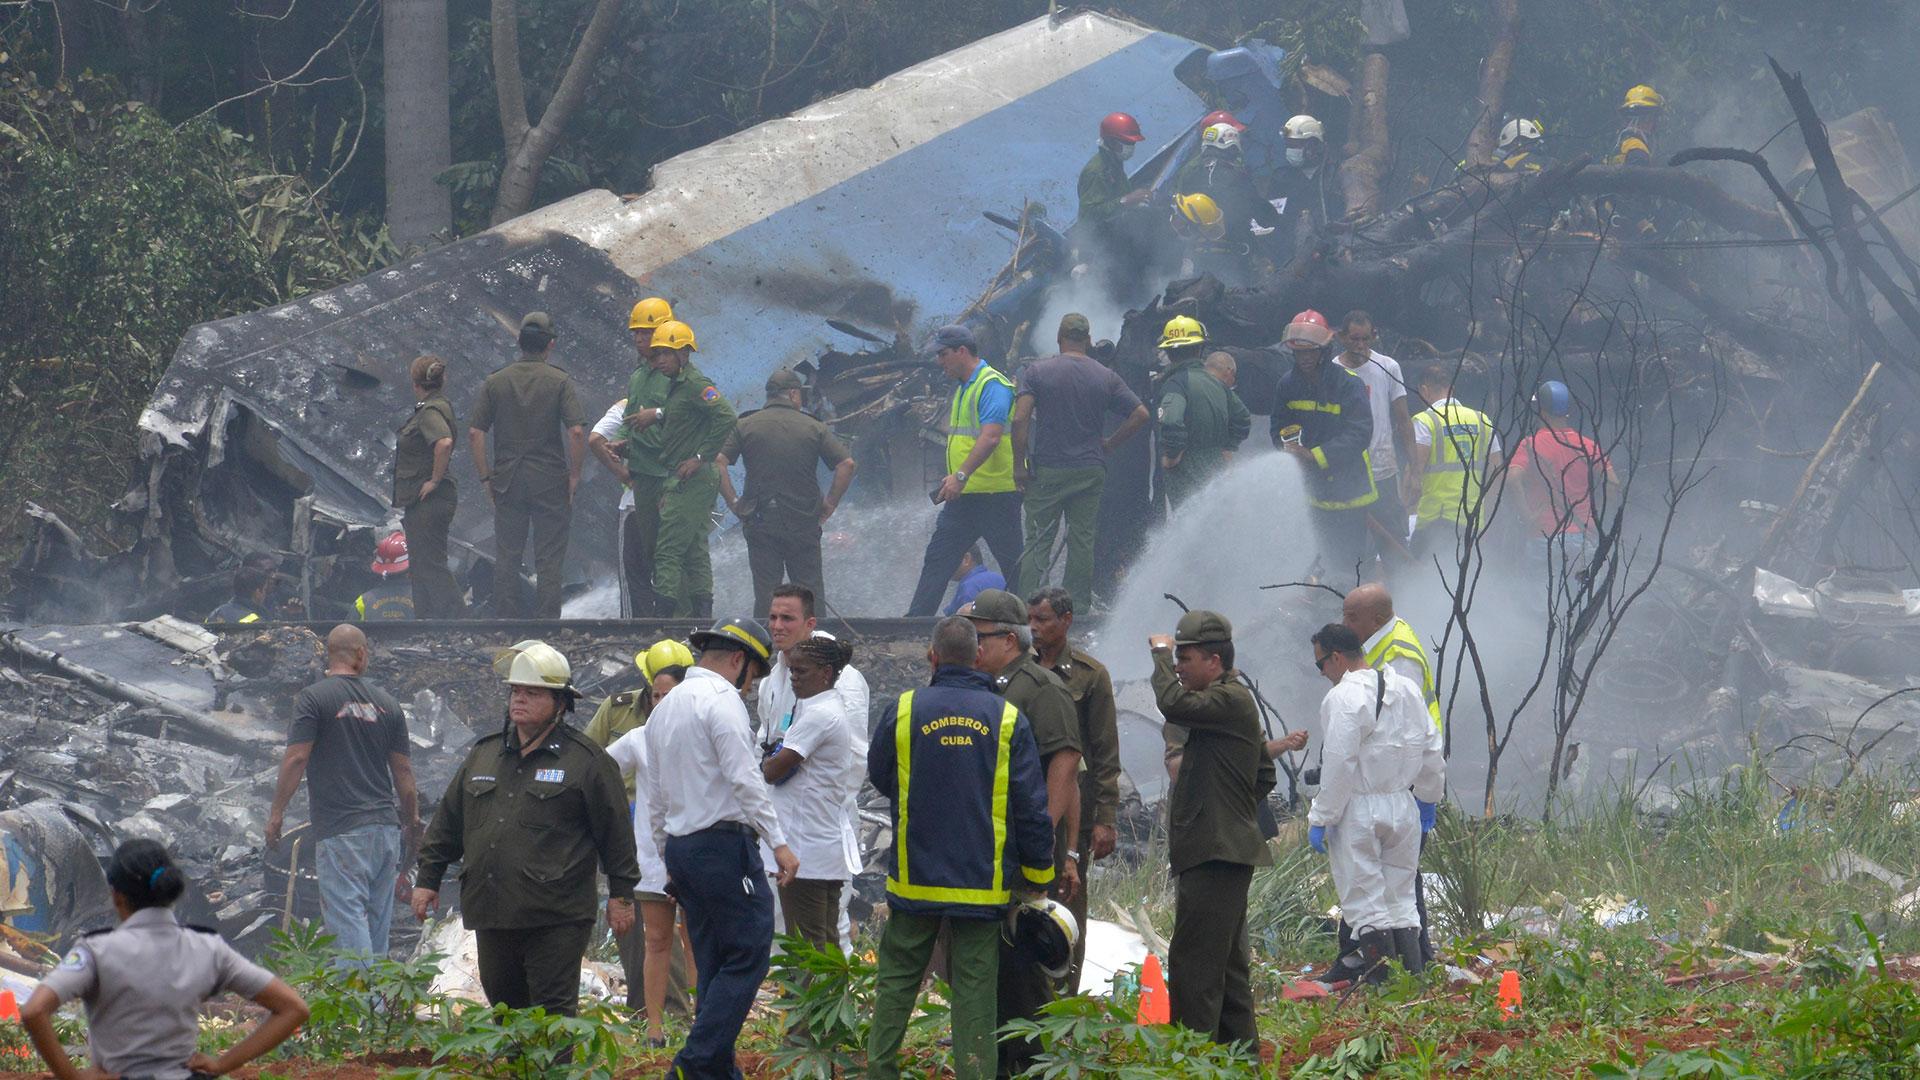 Un Boeing 737 arrendado por Cubana de Aviación se estrelló este viernes a las 12:08 del mediodía en La Habana